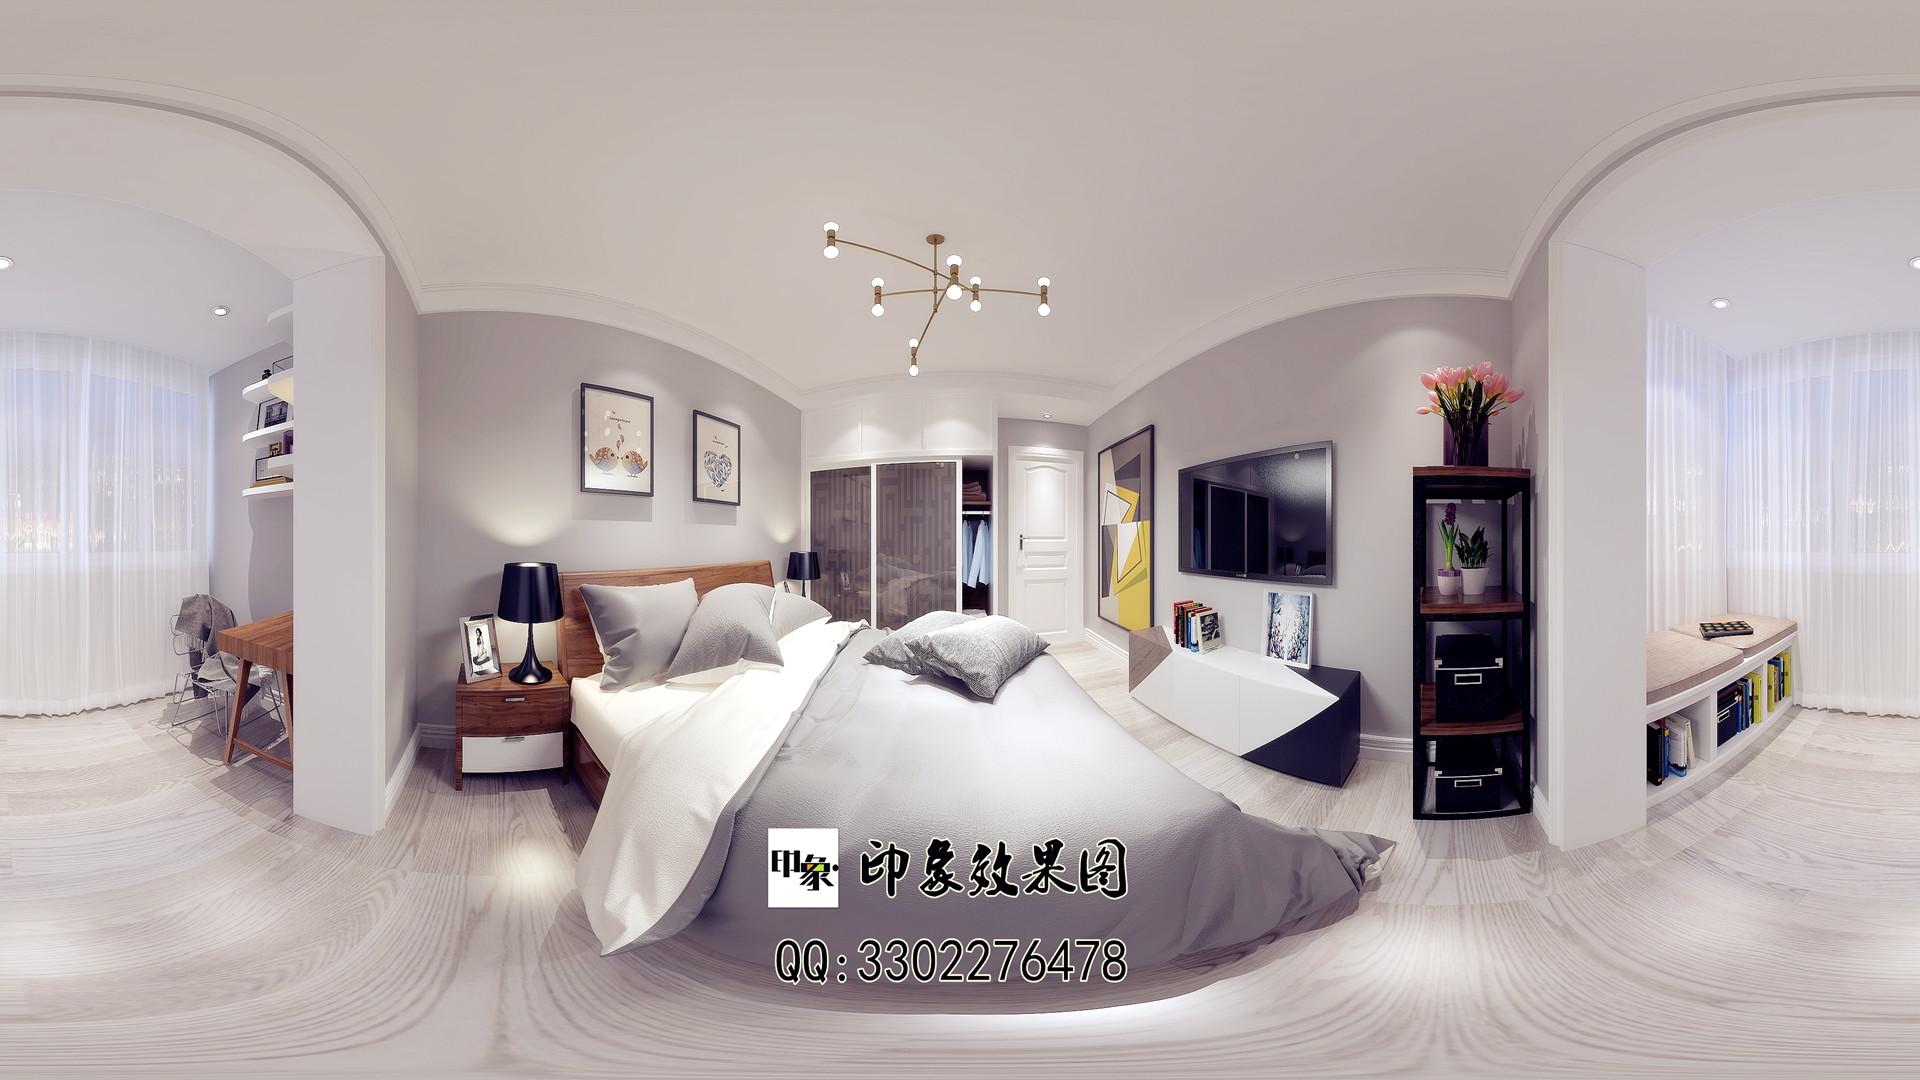 360全景现代风格装修_印象家装设计联盟案例展示_一品